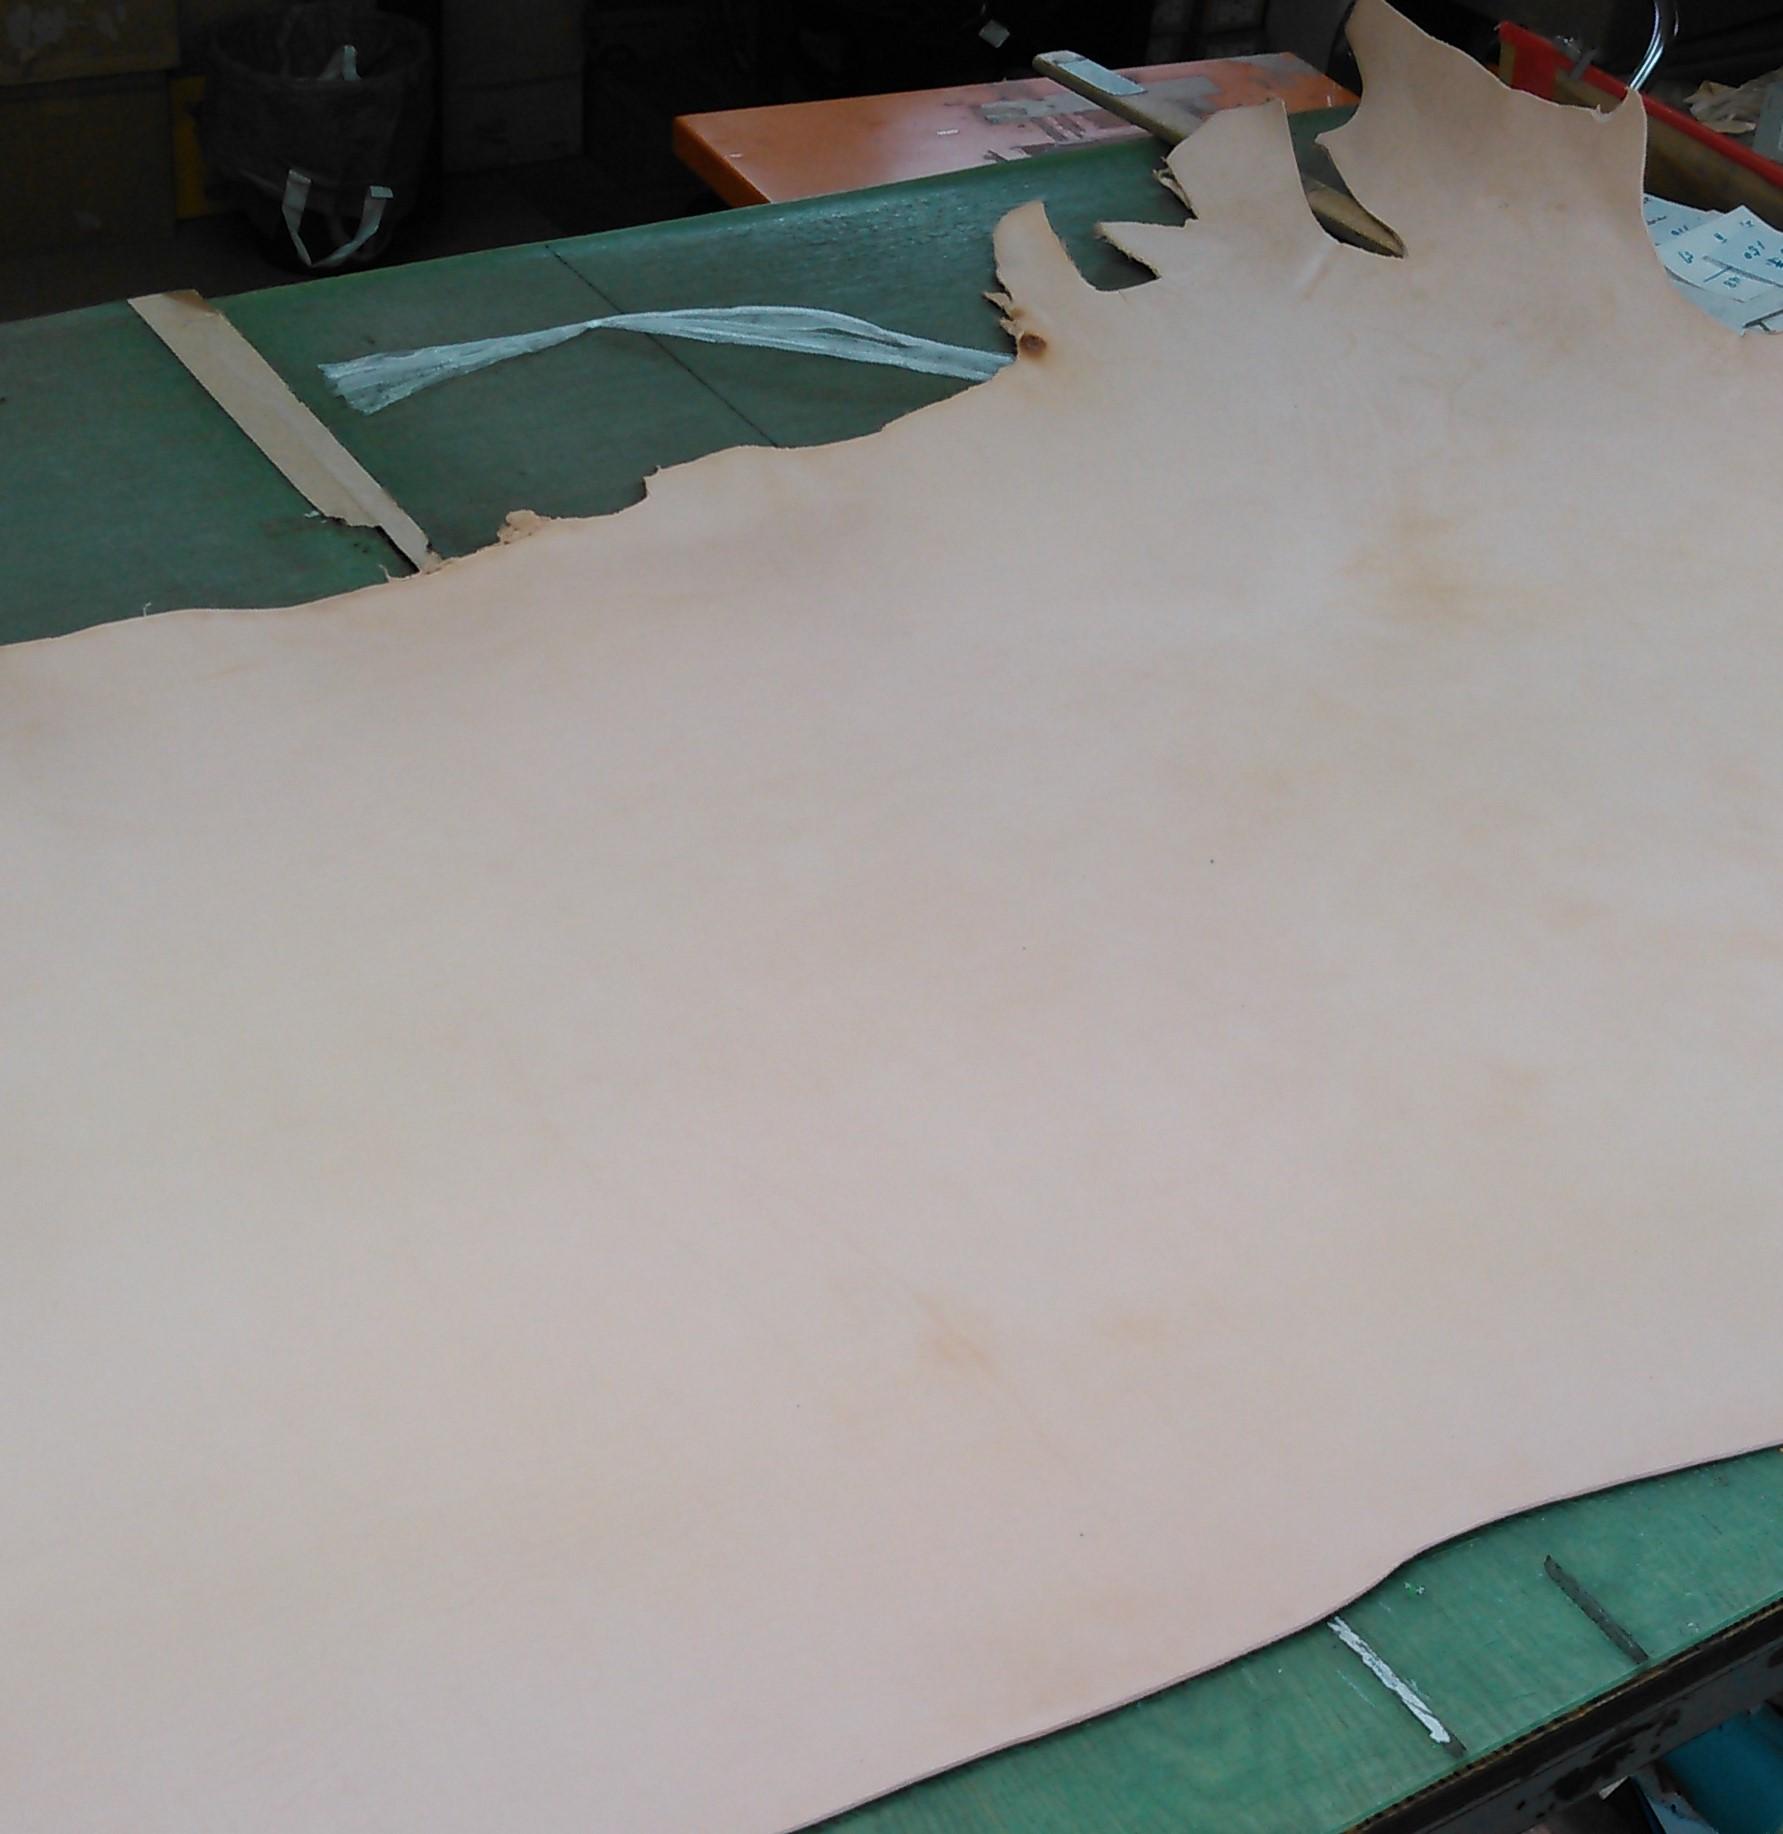 ヌメ革とは植物の渋に含まれる成分のタンニンでなめした皮革です。■丈夫だけど傷がつきやすい革です。ヌメ革はその加工法上、他の皮革に比べて繊維の目が詰まっているため非常に丈夫です。少々荒い扱いをしても革自体が大きく損傷することはありません。しっかりとケアをしていれば数十年単位で使い続けることが可能です。しかし、ヌメ革は表面加工がされていませんので、表面の傷はつきやすいです。爪があたったり、ちょっとこするだけで簡単に傷がついてしまいます。この傷や変色自体がヌメ革の風合としての味になります。■使い続けることで、柔らかさ・色合い・艶がでてきます。ヌメ革は、タンニンなめしによりなめされており、最初は繊維がびっしりと並んでいるため、固くゴワゴワしています。使い続けることで繊維がほぐれてクッタリしてきて、手の脂などが染み込んだり、日光などで艶が出たり、飴色へと変化していきます。同じものが二つとない、あなただけのオリジナルになります。■動物そのものの革だからそれぞれに個性があります。ヌメ革は表面加工がされていない生の革のため、革の元となった動物それぞれの個性が残っています。生きているときにできた傷痕(バラ傷)、血が通っていた痕(血筋と呼びます)などは本革である証で、その自然な表情、素朴な革の匂い、温かな手触りを持つ、古くから皮革の代表格です。■水に特別弱いので水濡れに注意!ヌメ革は表面になにも加工をされていないので、水に特別弱いことで知られています。特におろしたて当初は水に濡れるとすぐにシミになってしまいますが、水シミで色が濃くなってしまった部分は、経年変化により目立たなくなります。自然に優しく廃棄後も土にかえることができる素晴らしい素朴です。